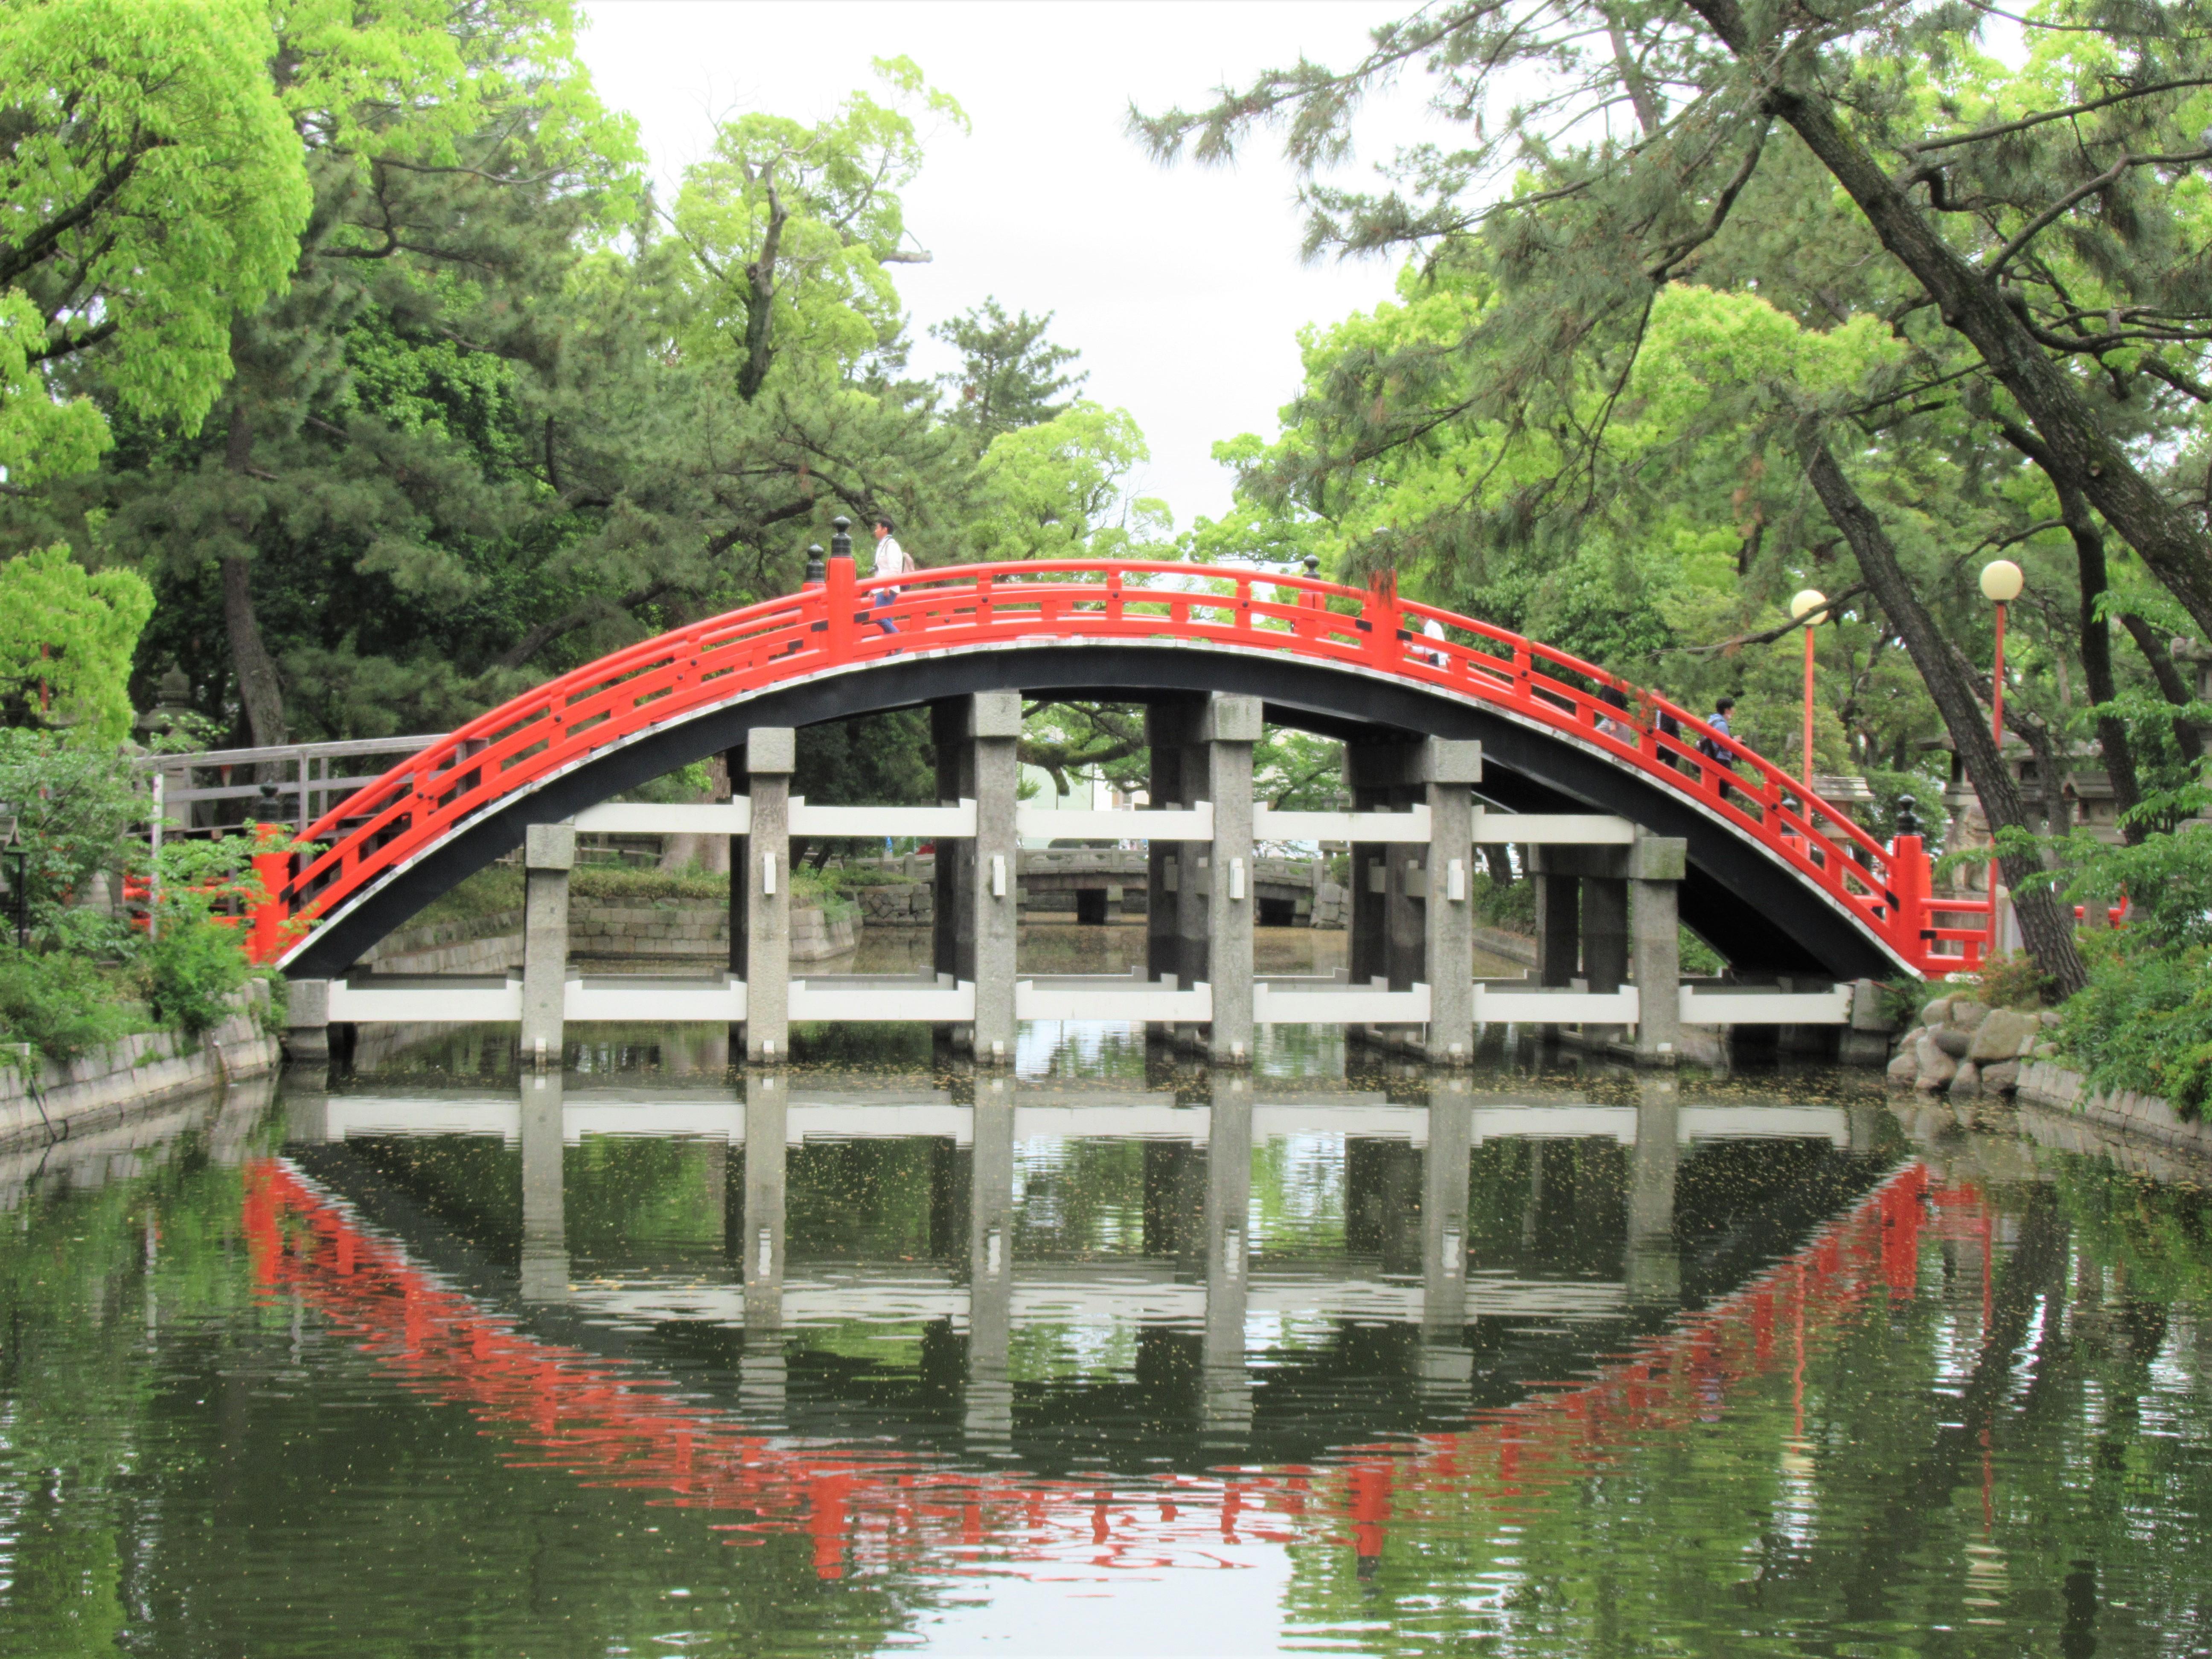 住吉大社|子連れ観光で楽しめる見どころの紹介と「おもかる石」の行き方